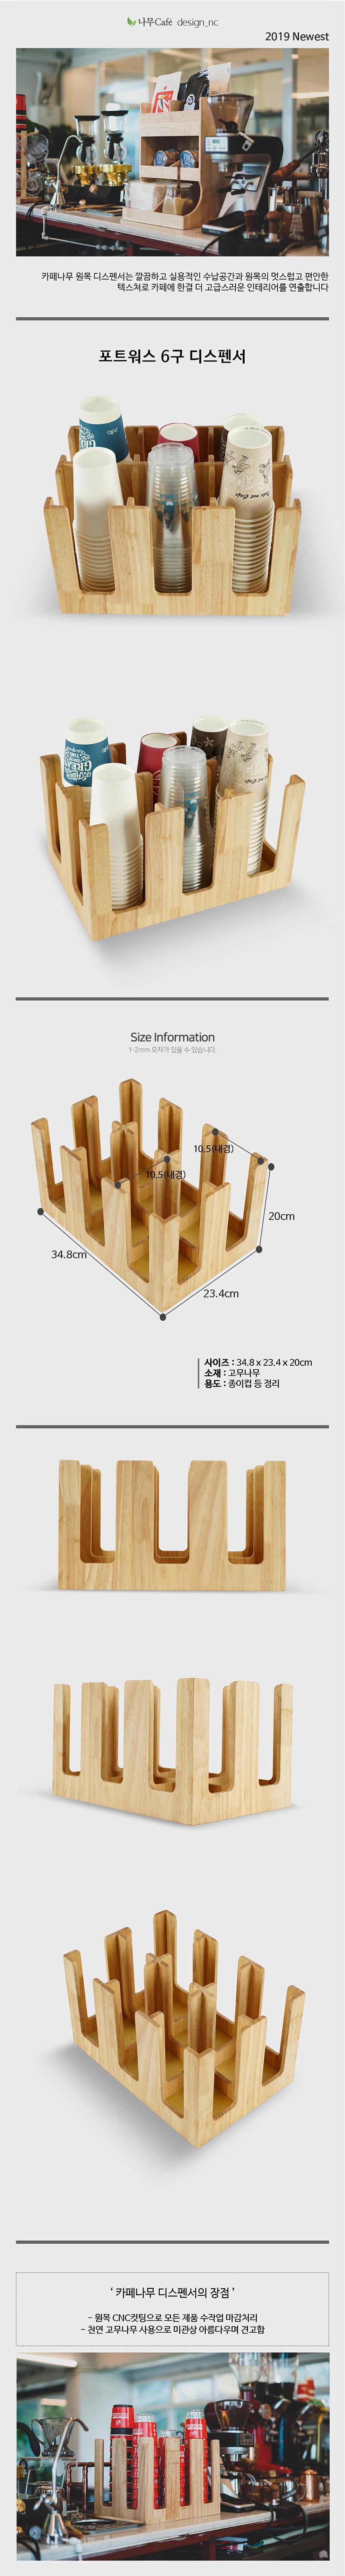 원목 포트워스 6구 디스펜서 - 디자인엔씨, 64,000원, 주방수납용품, 수납함